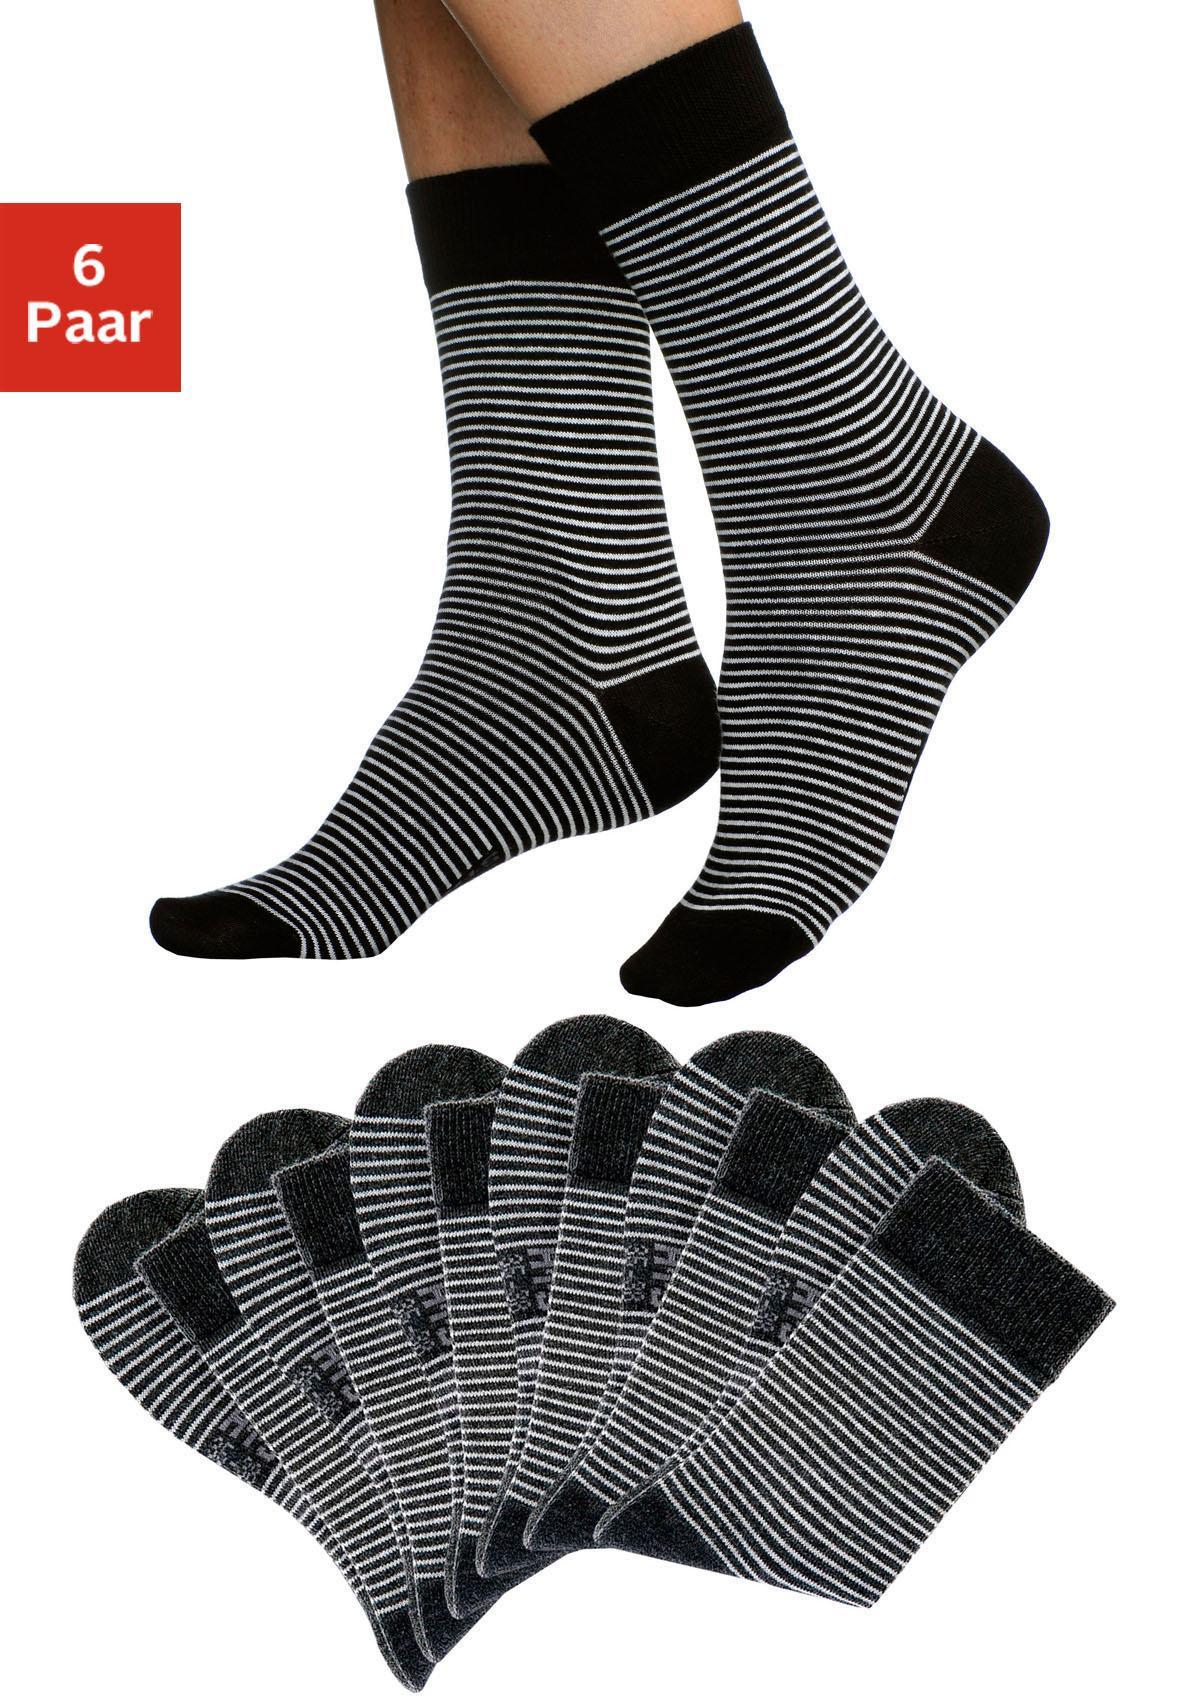 H.I.S Socken (6 Paar)